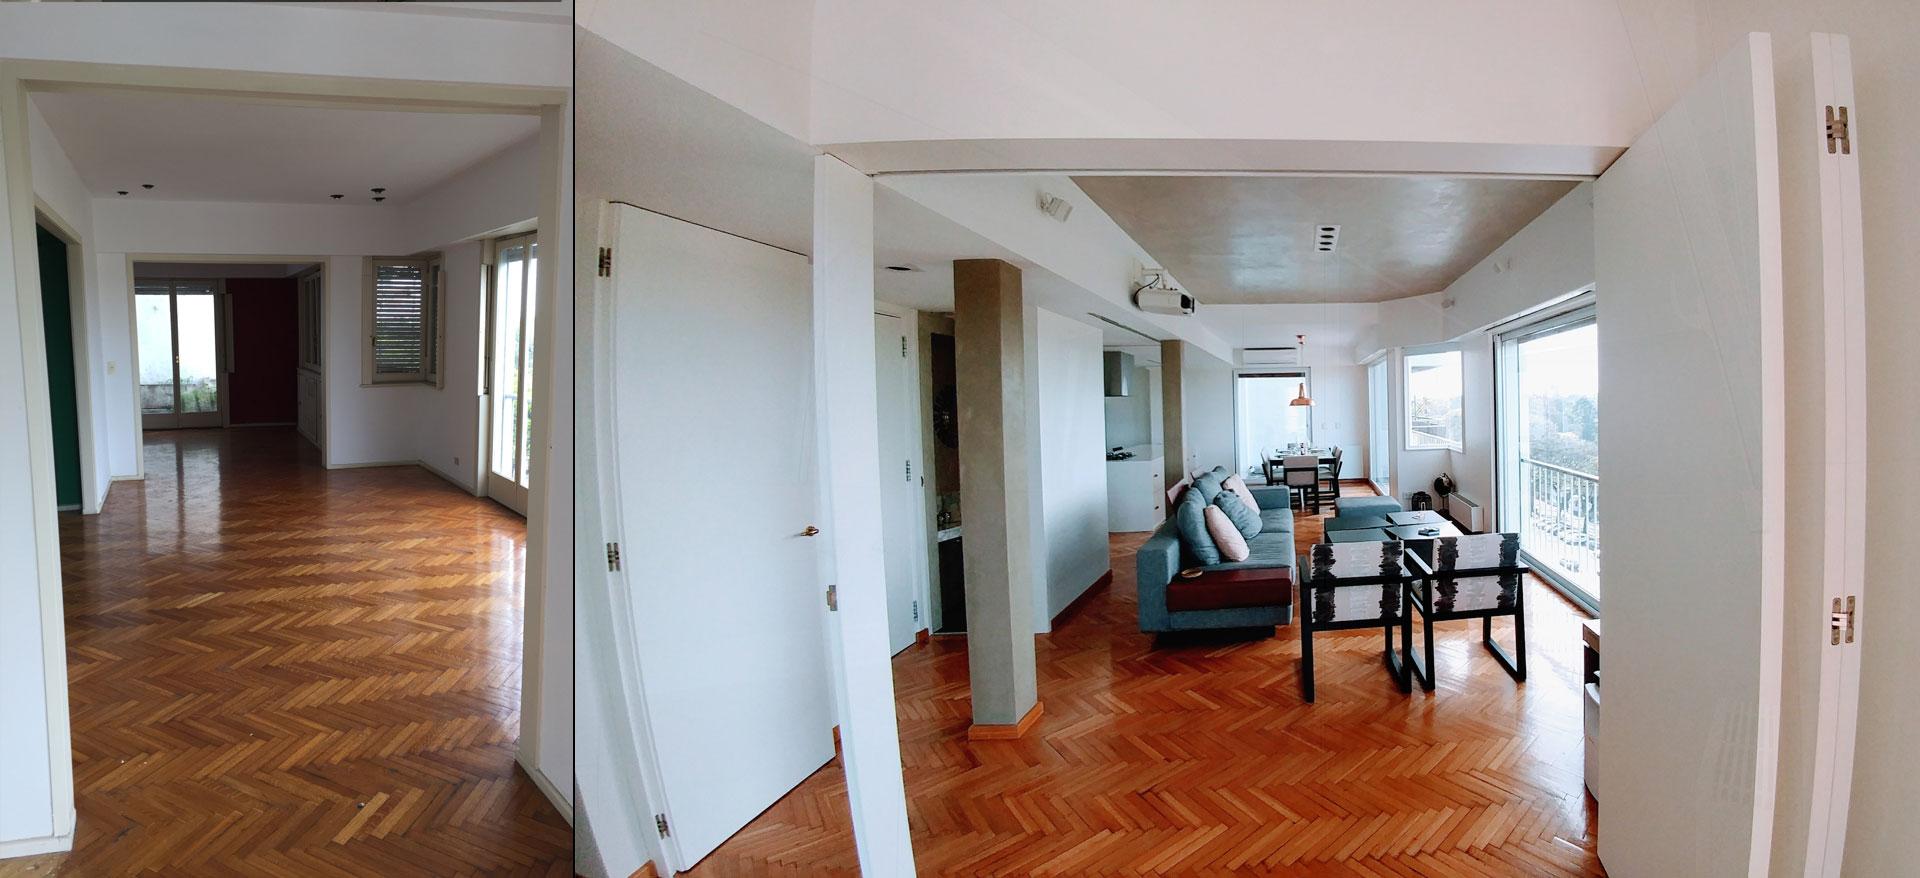 Antes y después, puesta en valor del espacio con un diseño moderno y contemporáneo